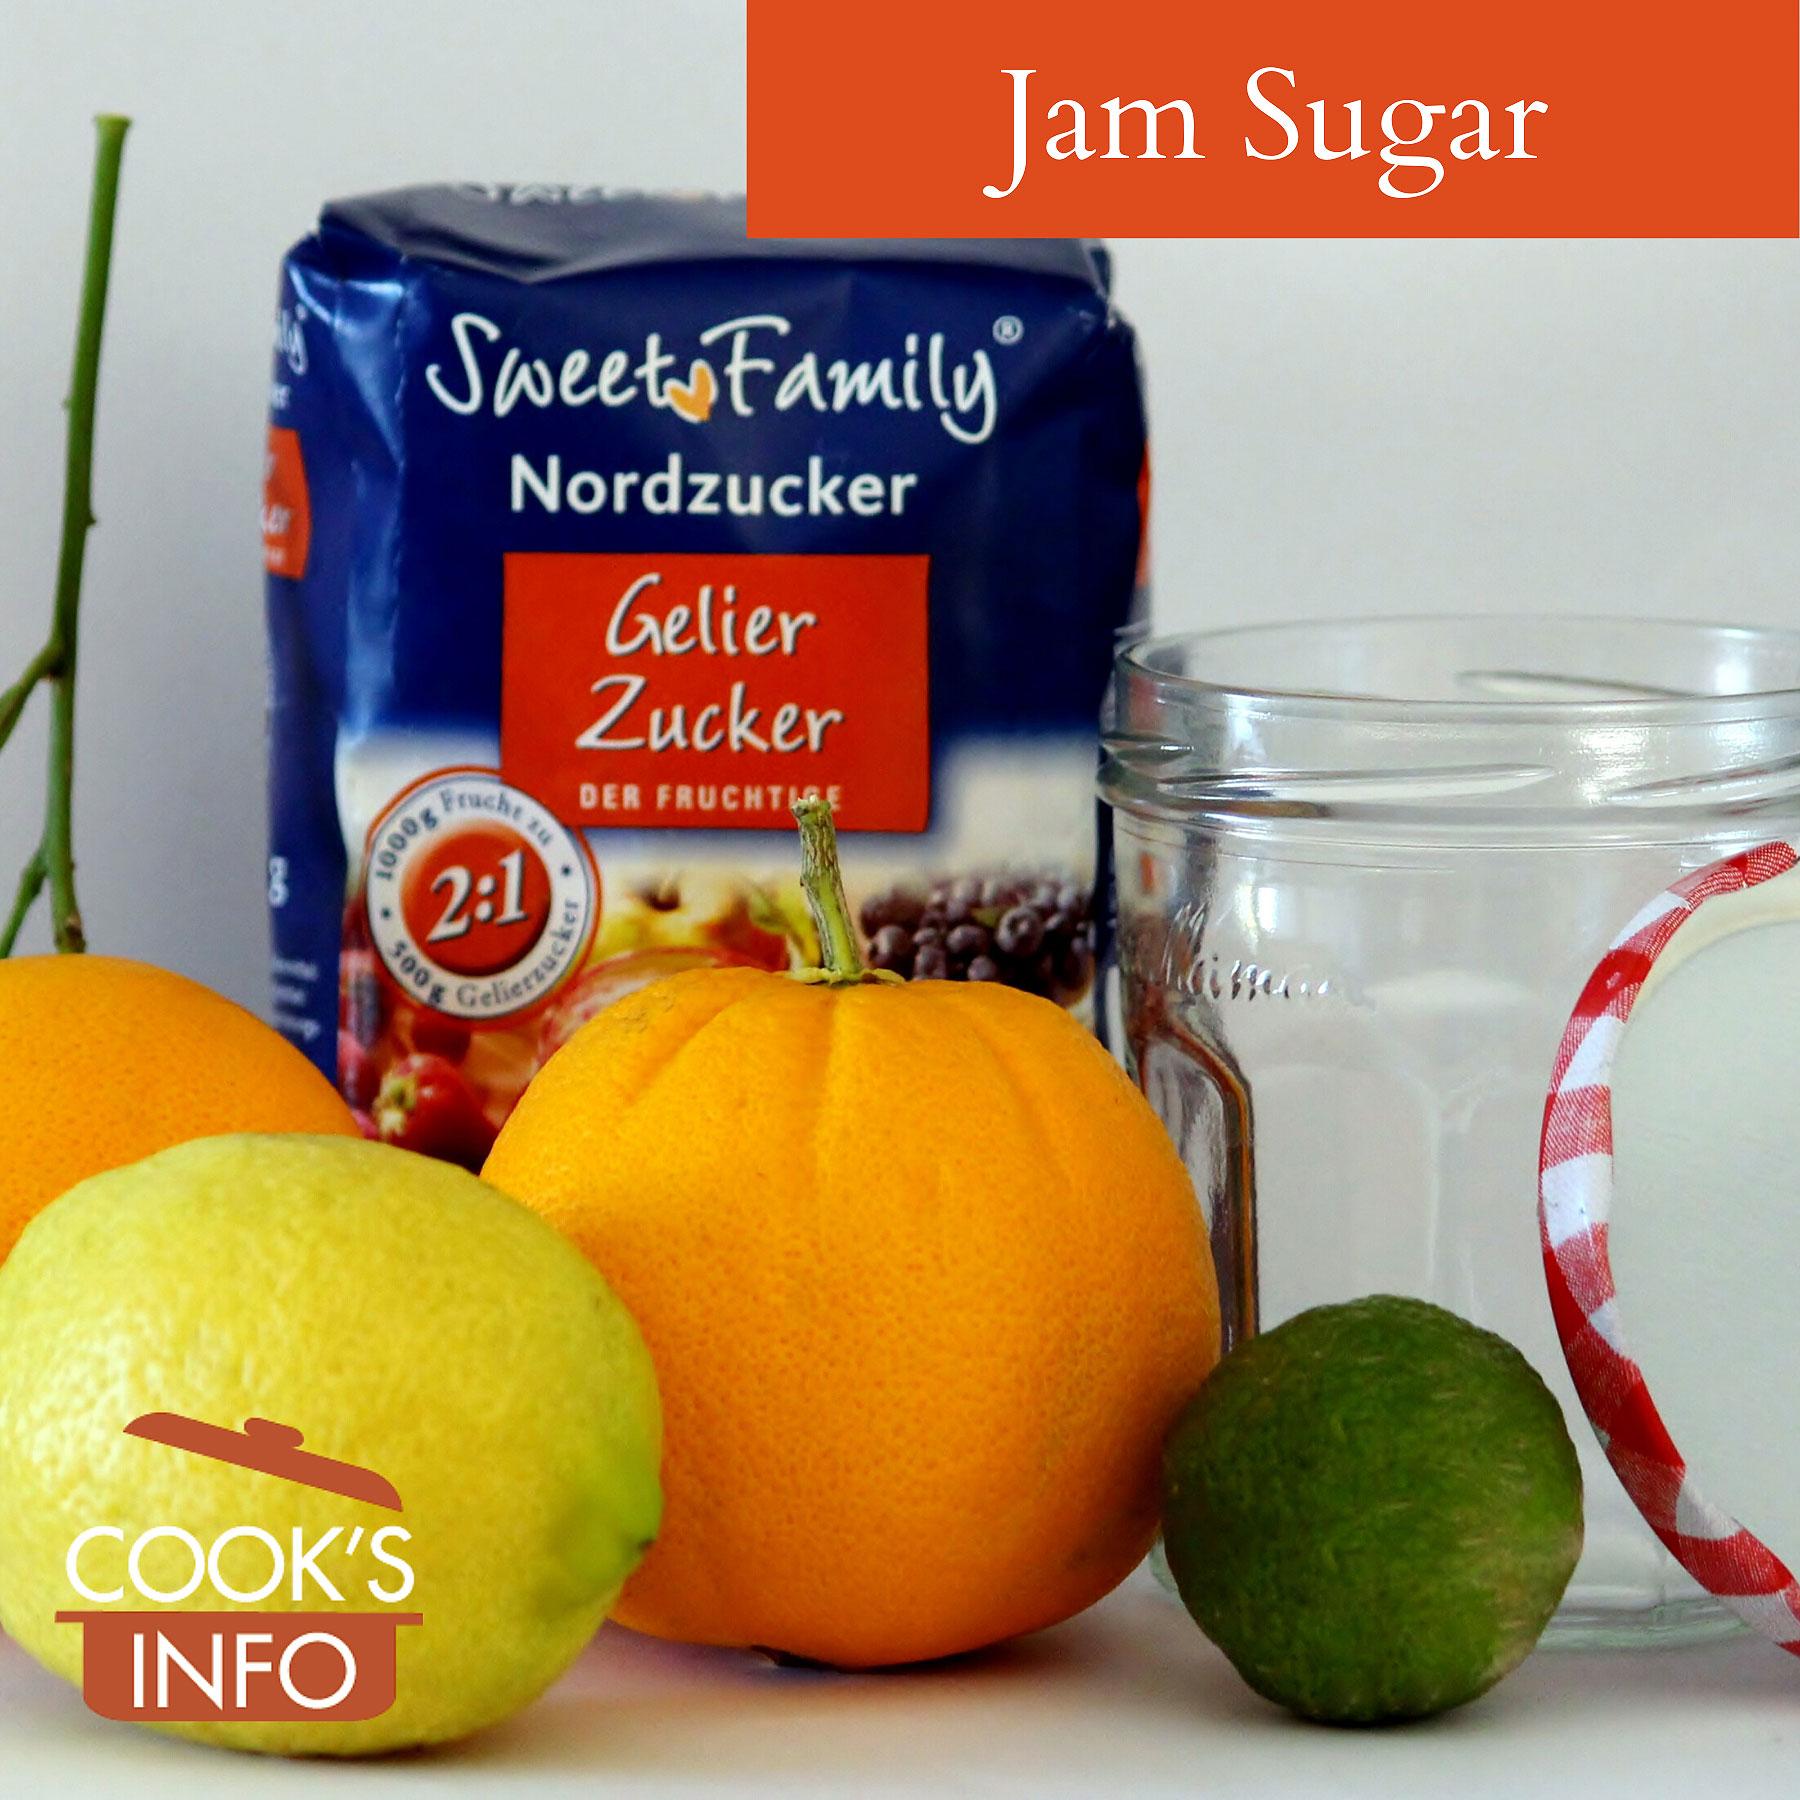 Jam sugar aka gelling sugar